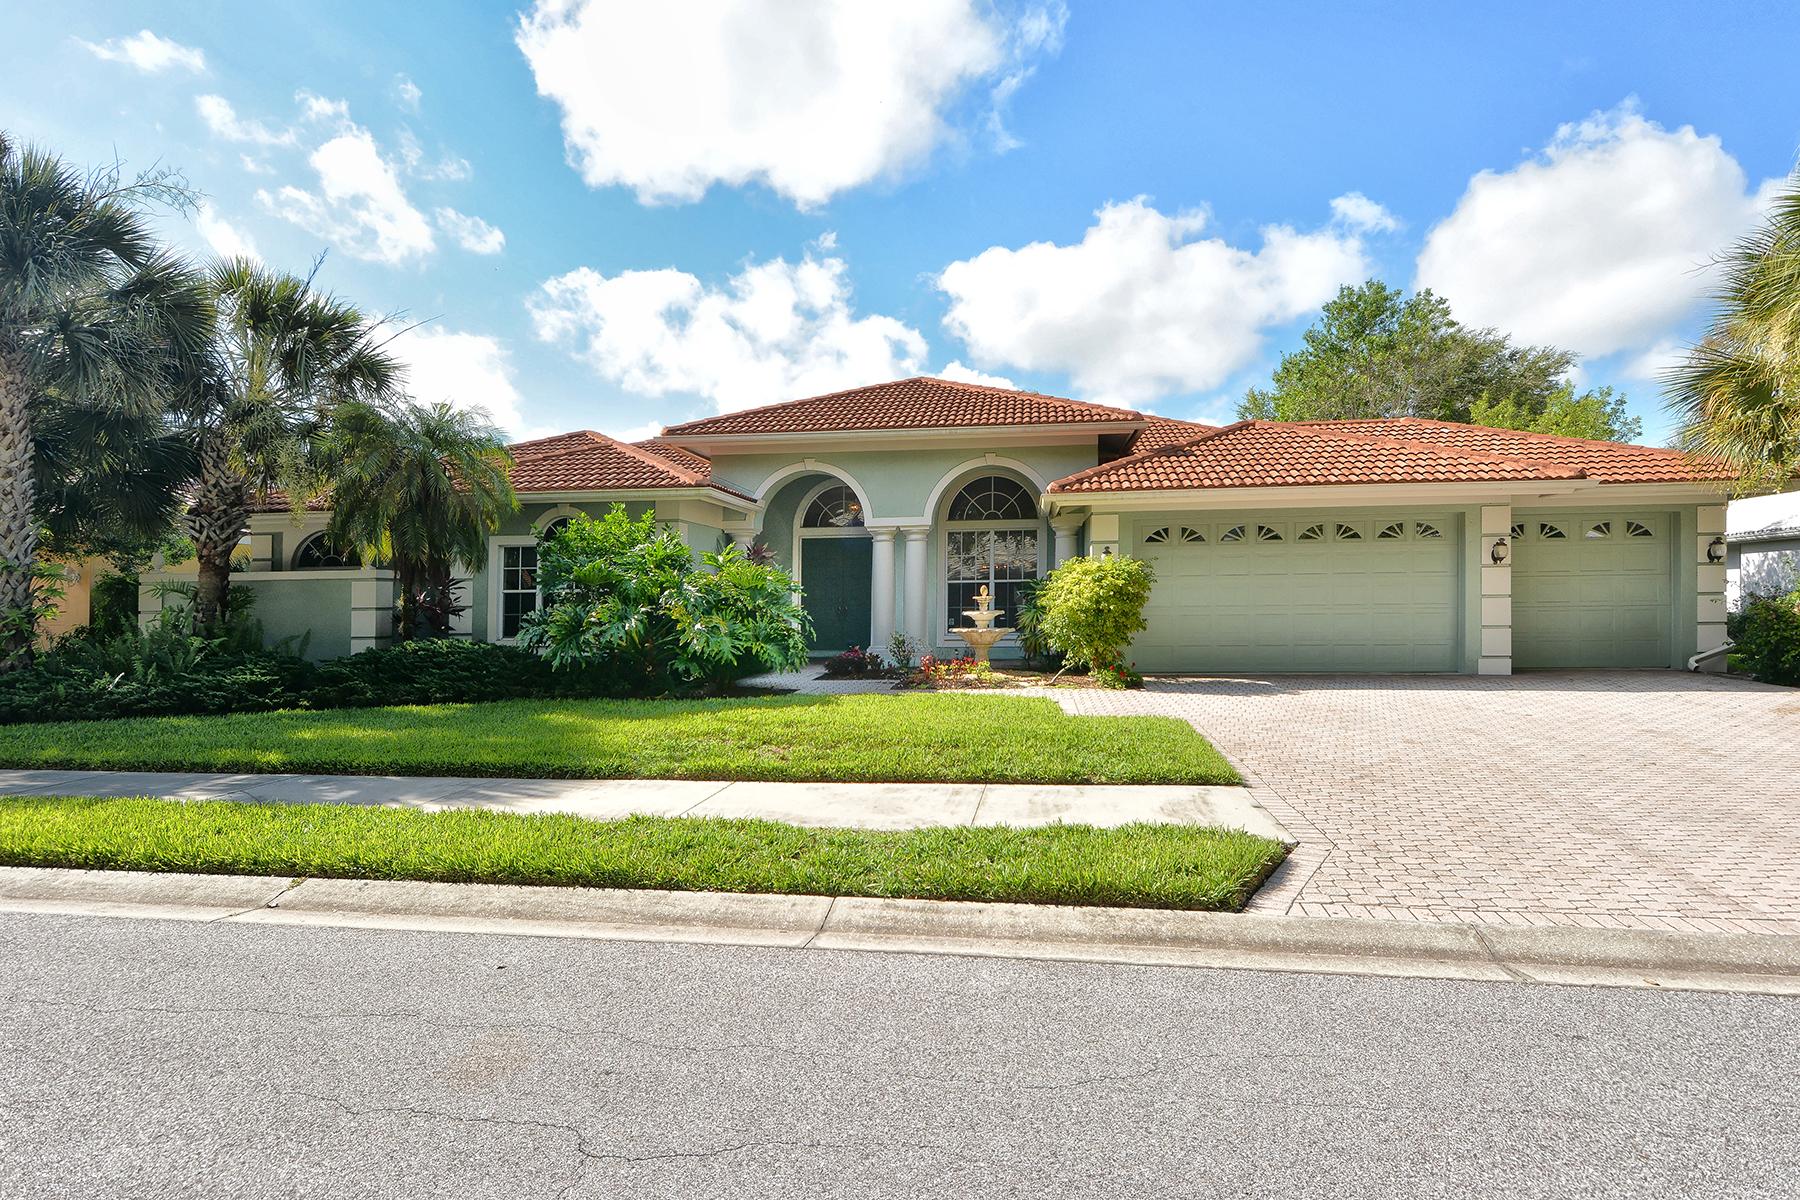 独户住宅 为 销售 在 DEER CREEK 8575 Woodbriar Dr Sarasota, 佛罗里达州 34238 美国